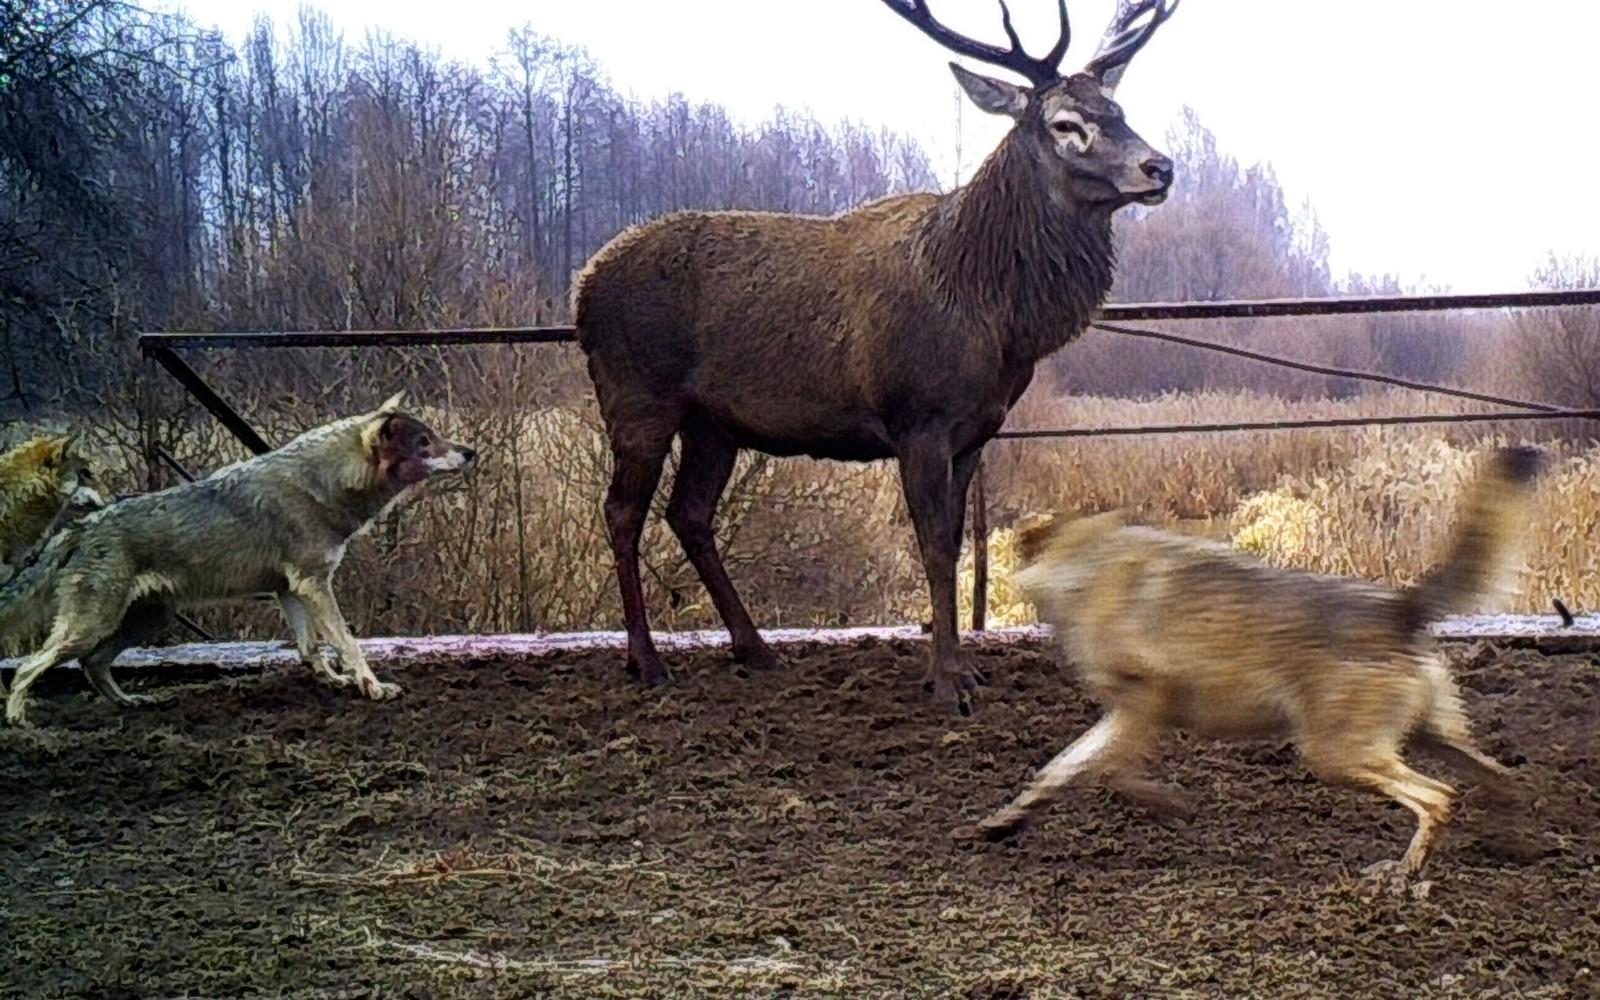 En hjort angripes av to ulver inne i vernesonen på dette bildet fra november 2014.